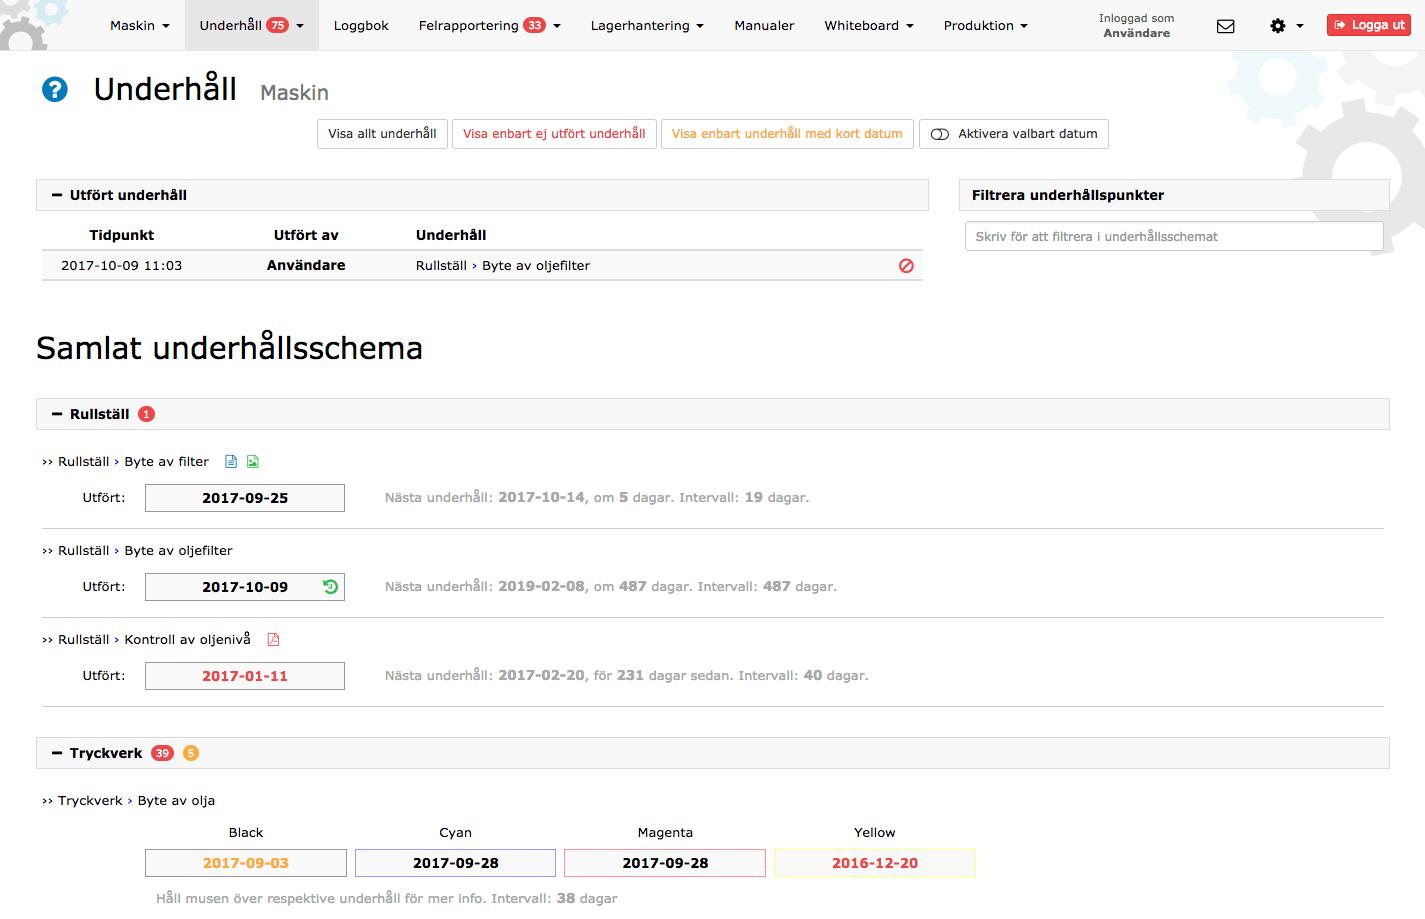 Underhållssystemet i Produktionsportal.se